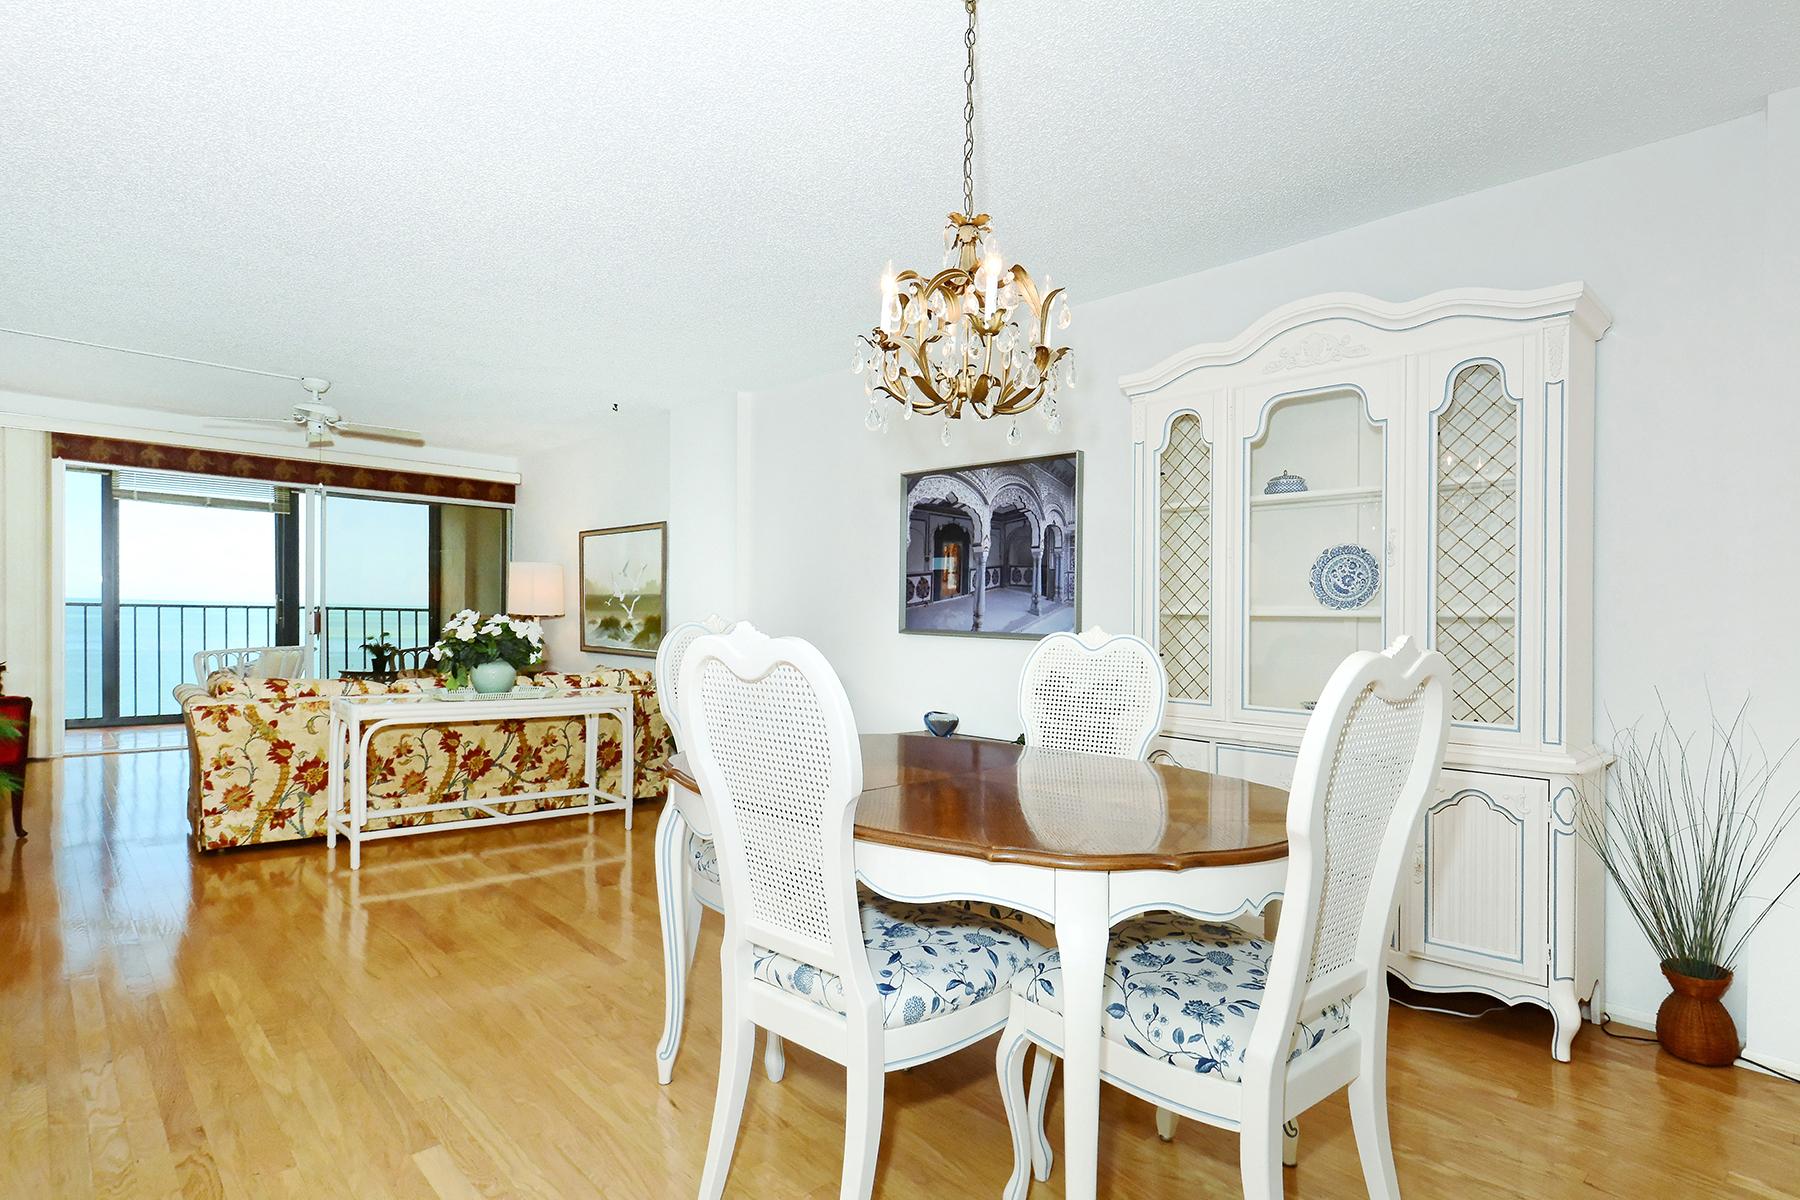 sales property at 19 Whispering Sands Dr , 702, Sarasota, FL 34242